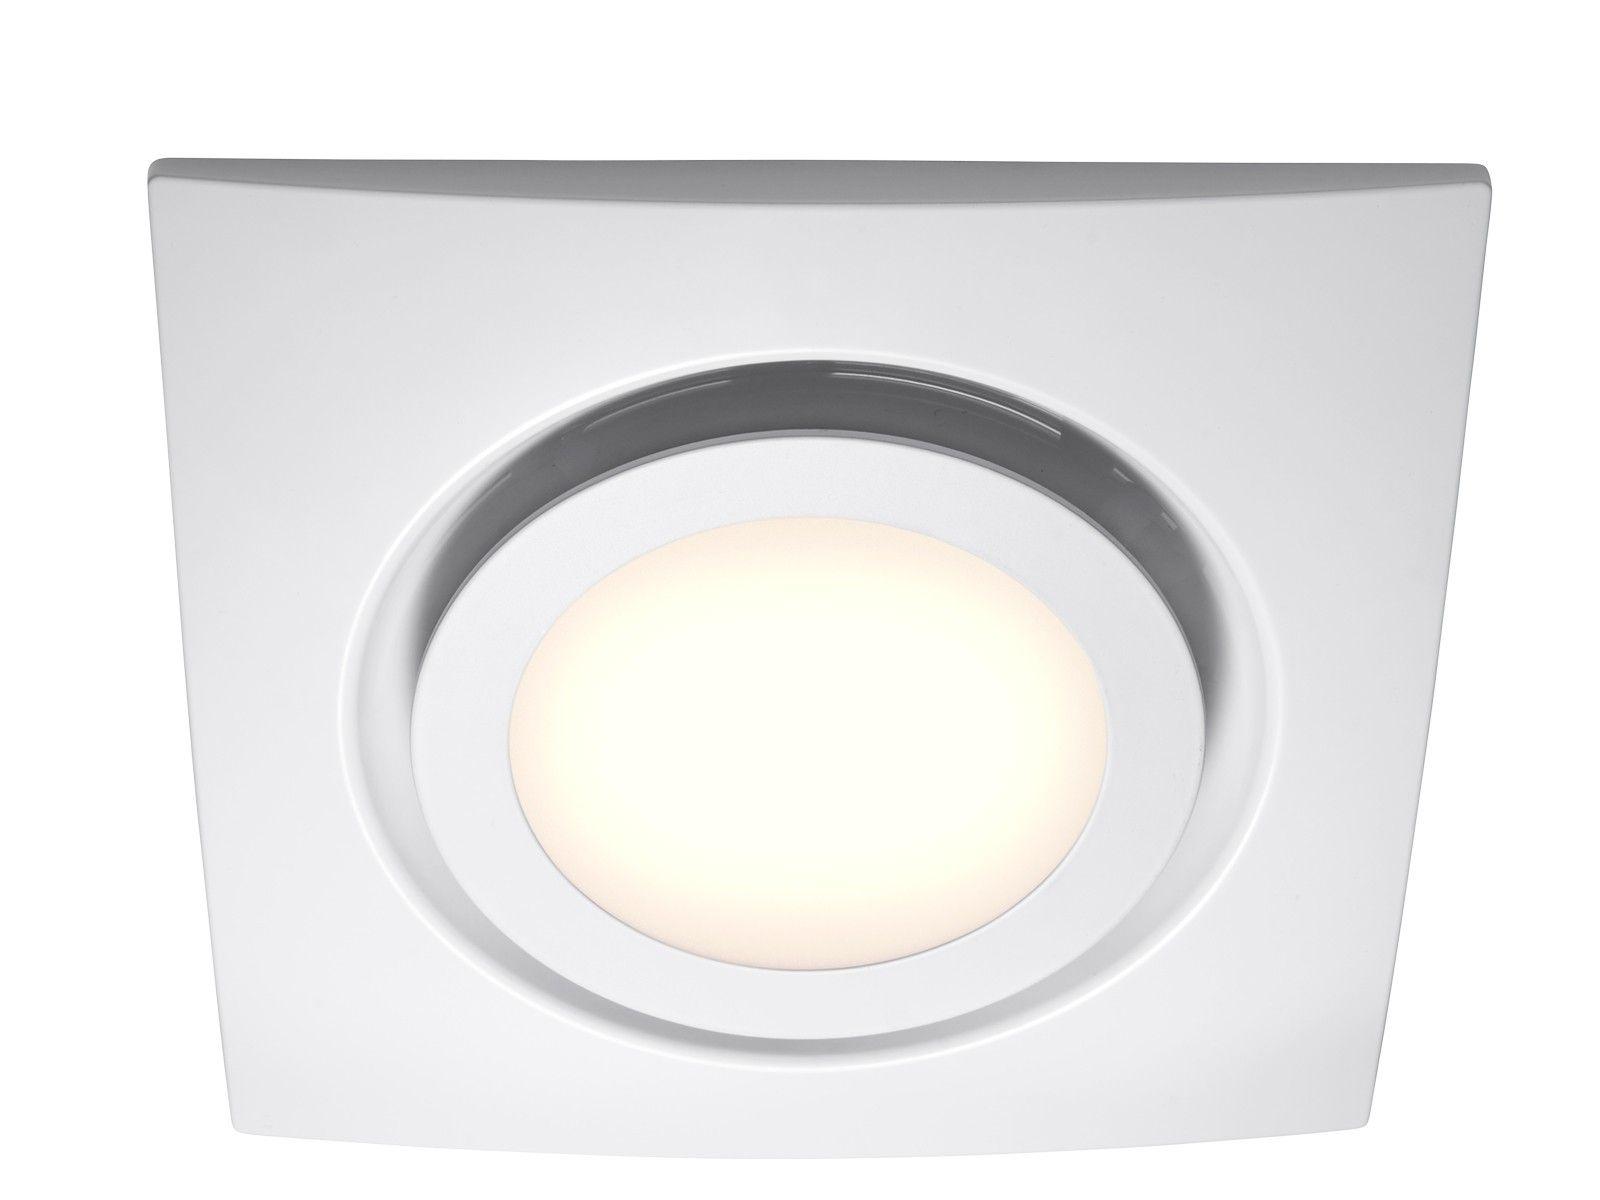 White Exhaust Fan With Led Light Bathroom Fan Light Bathroom Exhaust Bathroom Exhaust Fan Light